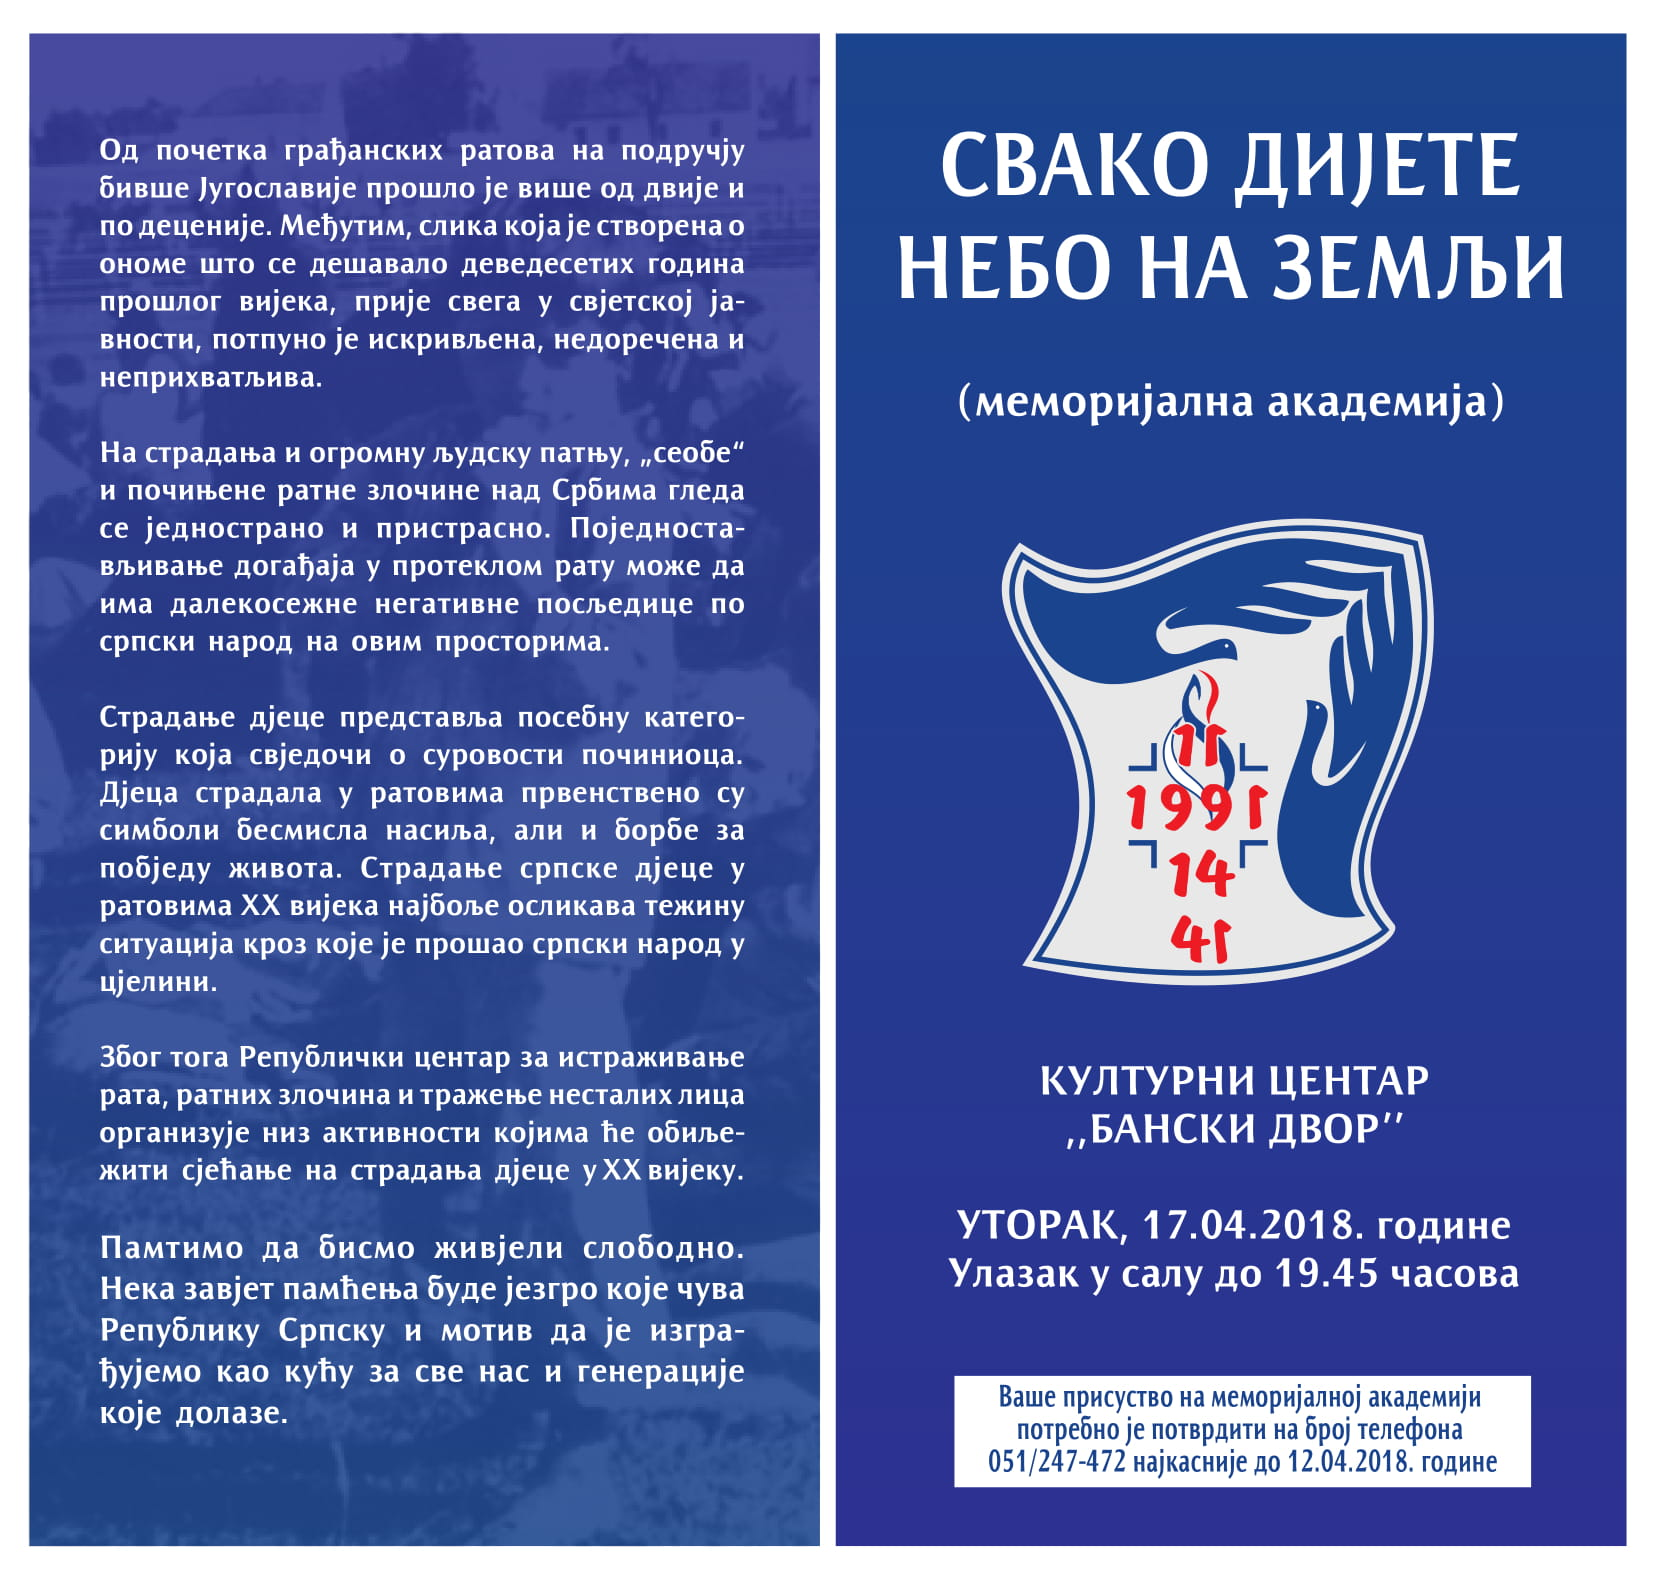 ПОЗИВНИЦА ДАНИ СЈЕЋАЊА АПРИЛ 2018-2